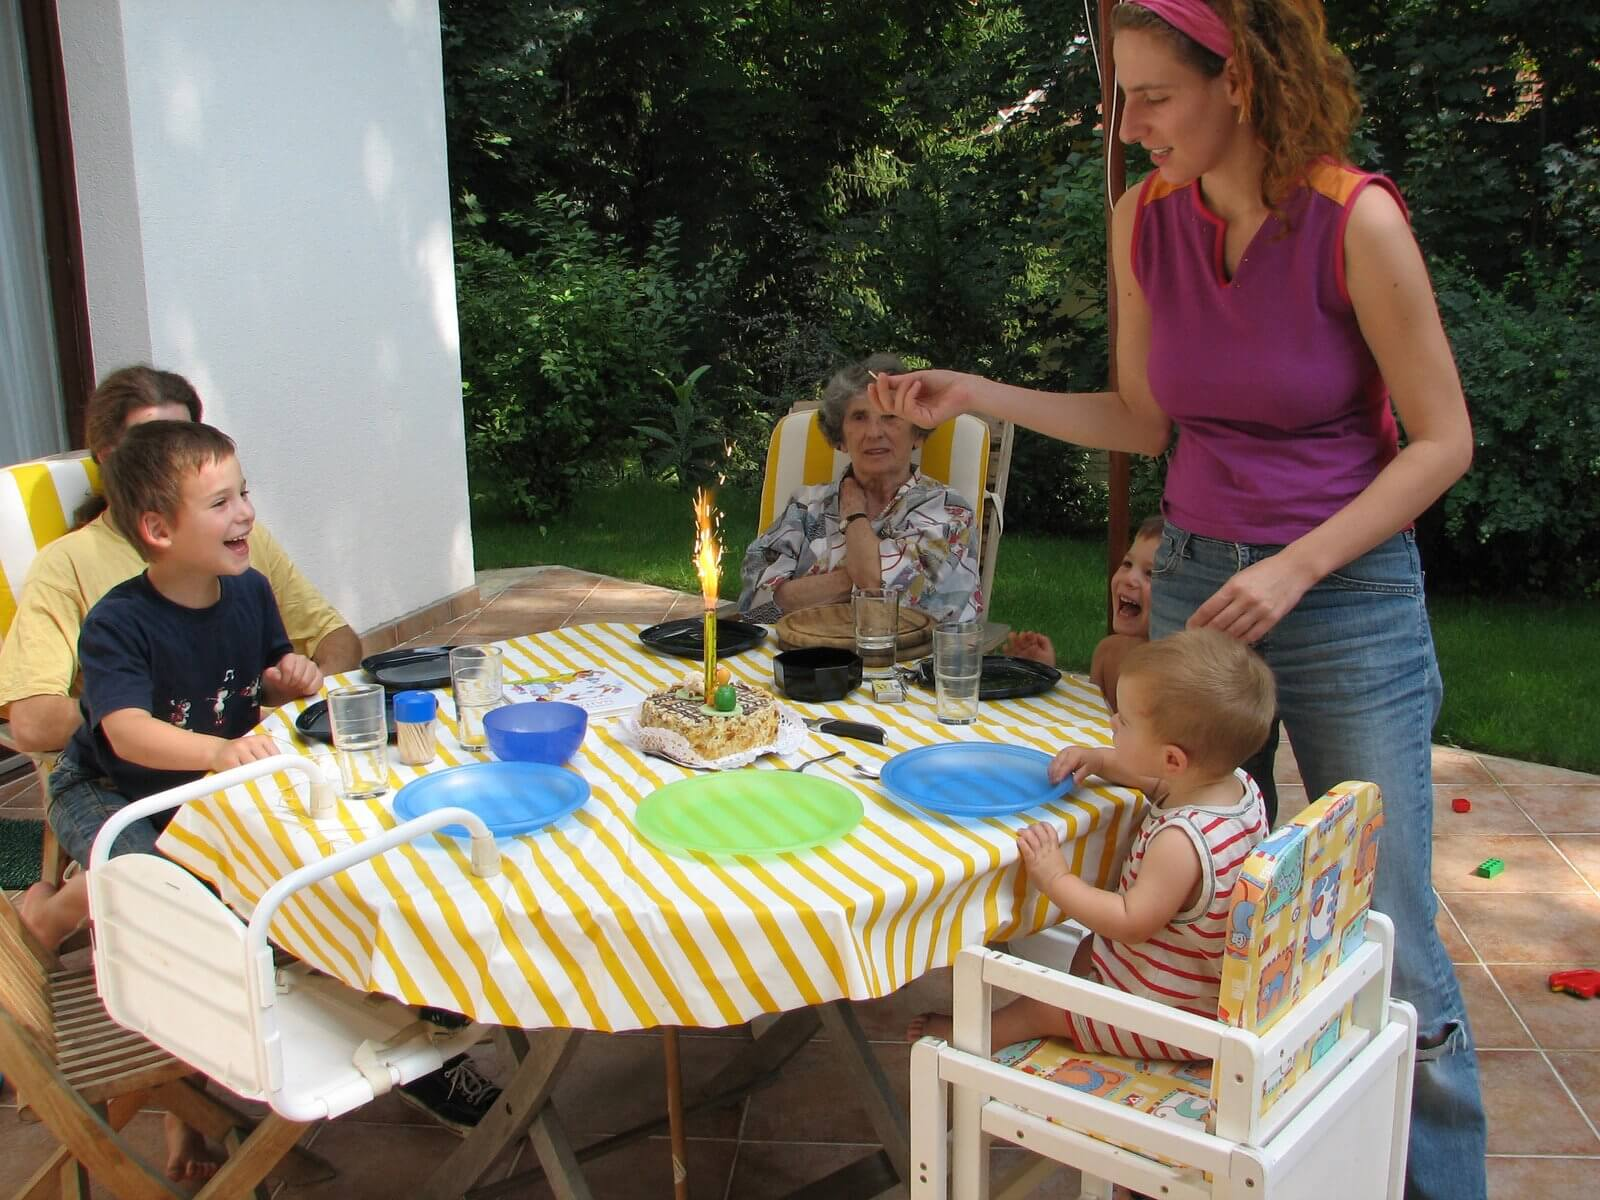 dänemark urlaub mit kindern  abc kinder  blog für eltern